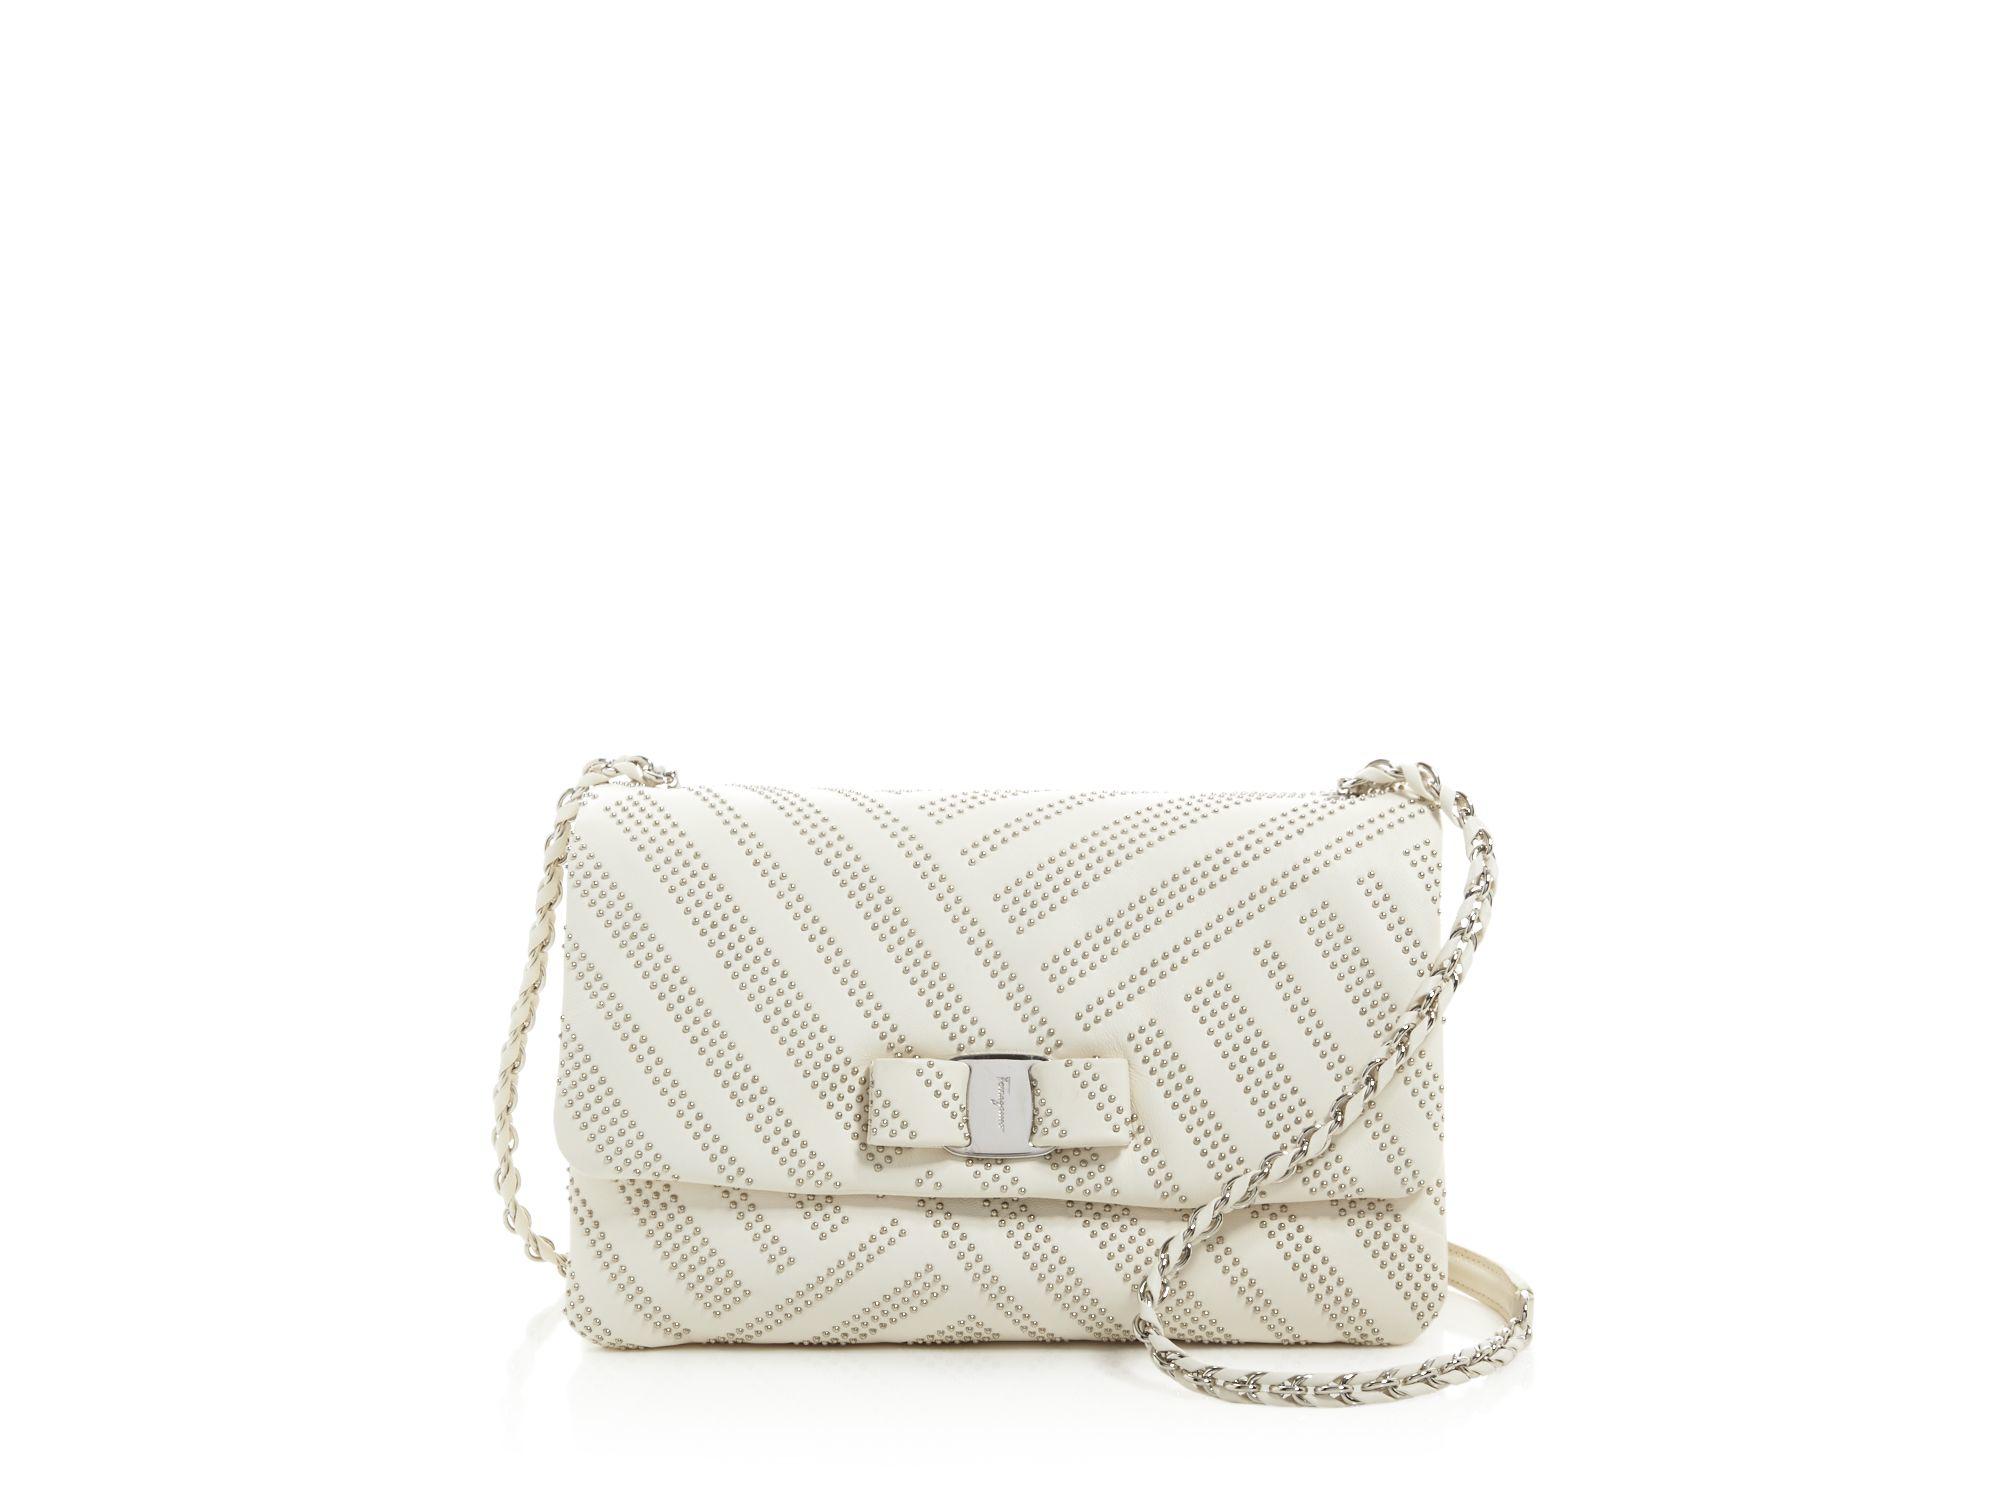 0b1d033c4192 Ferragamo Gelly Medium Stud Shoulder Bag in White - Lyst